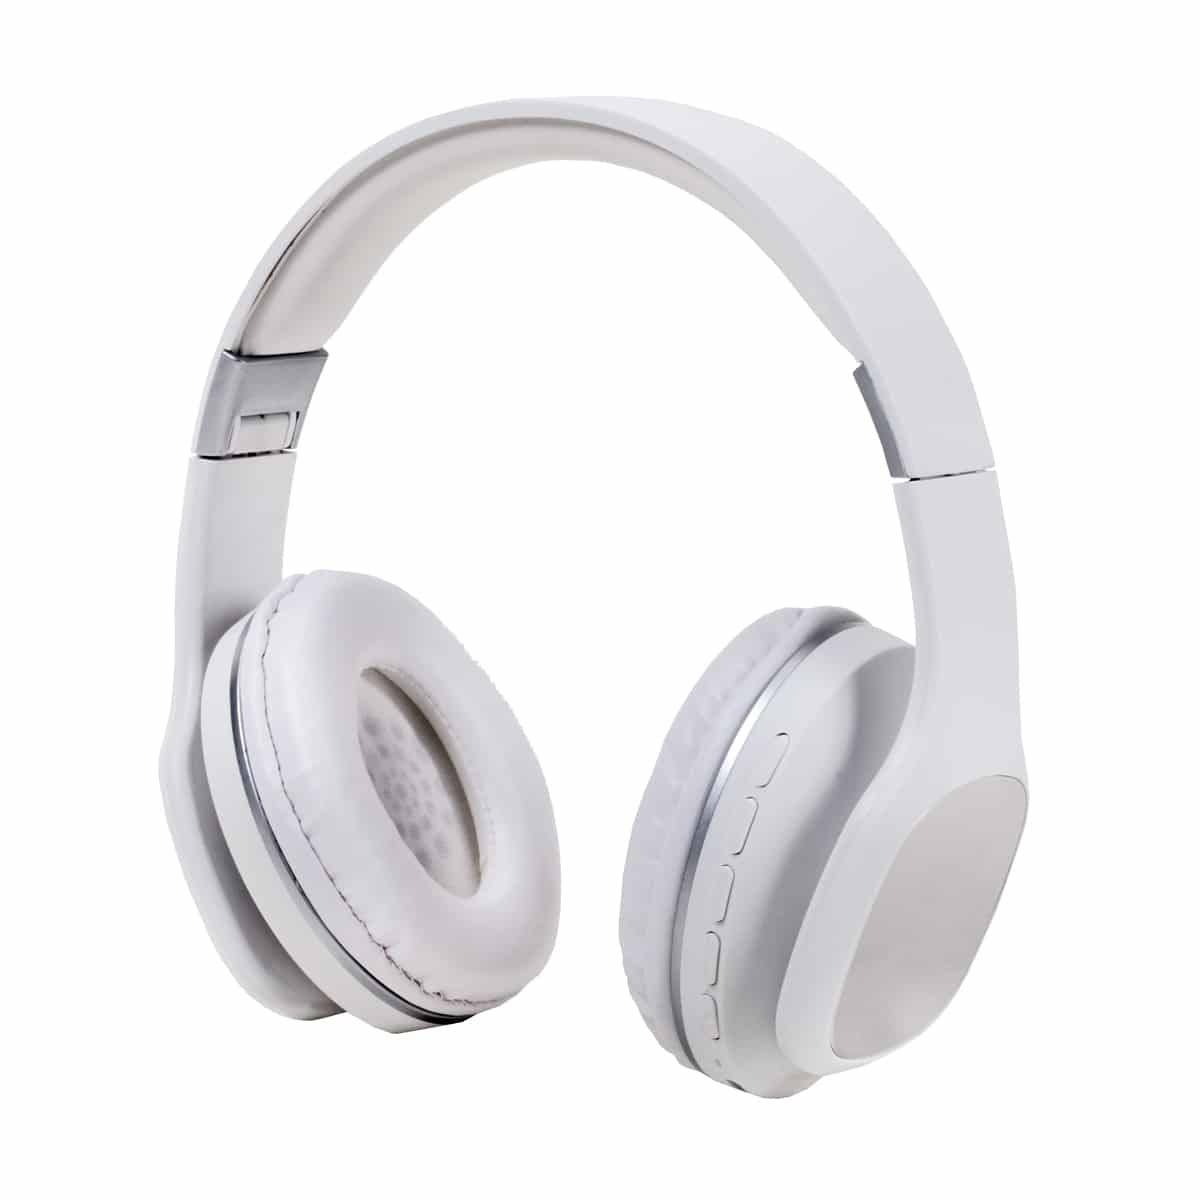 אוזניות בלוטות' סטריאופוניות מתקפלות - מארשל